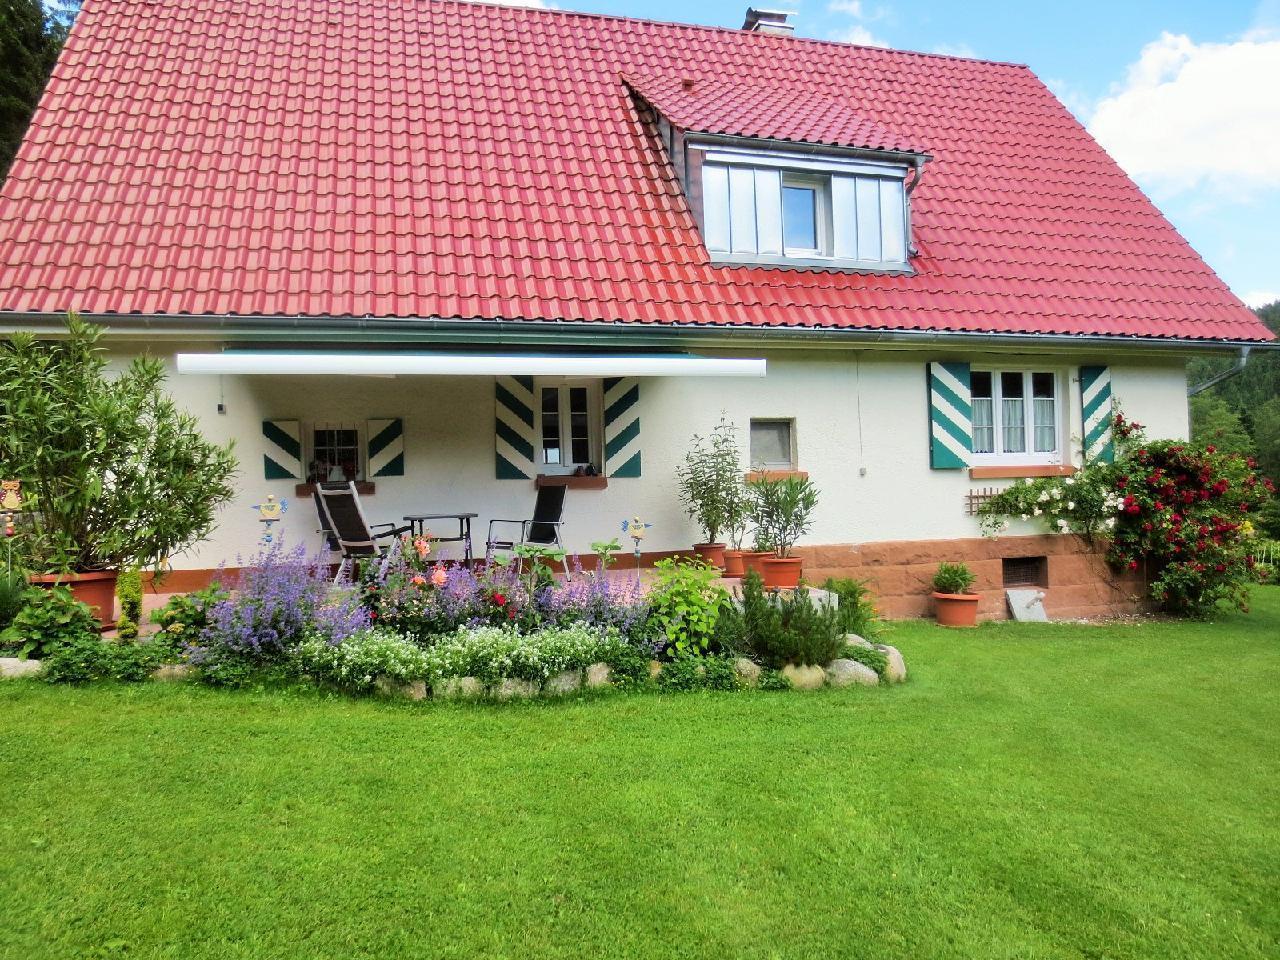 Ferienhaus Tauchert (979550), Baiersbronn, Schwarzwald, Baden-Württemberg, Deutschland, Bild 14